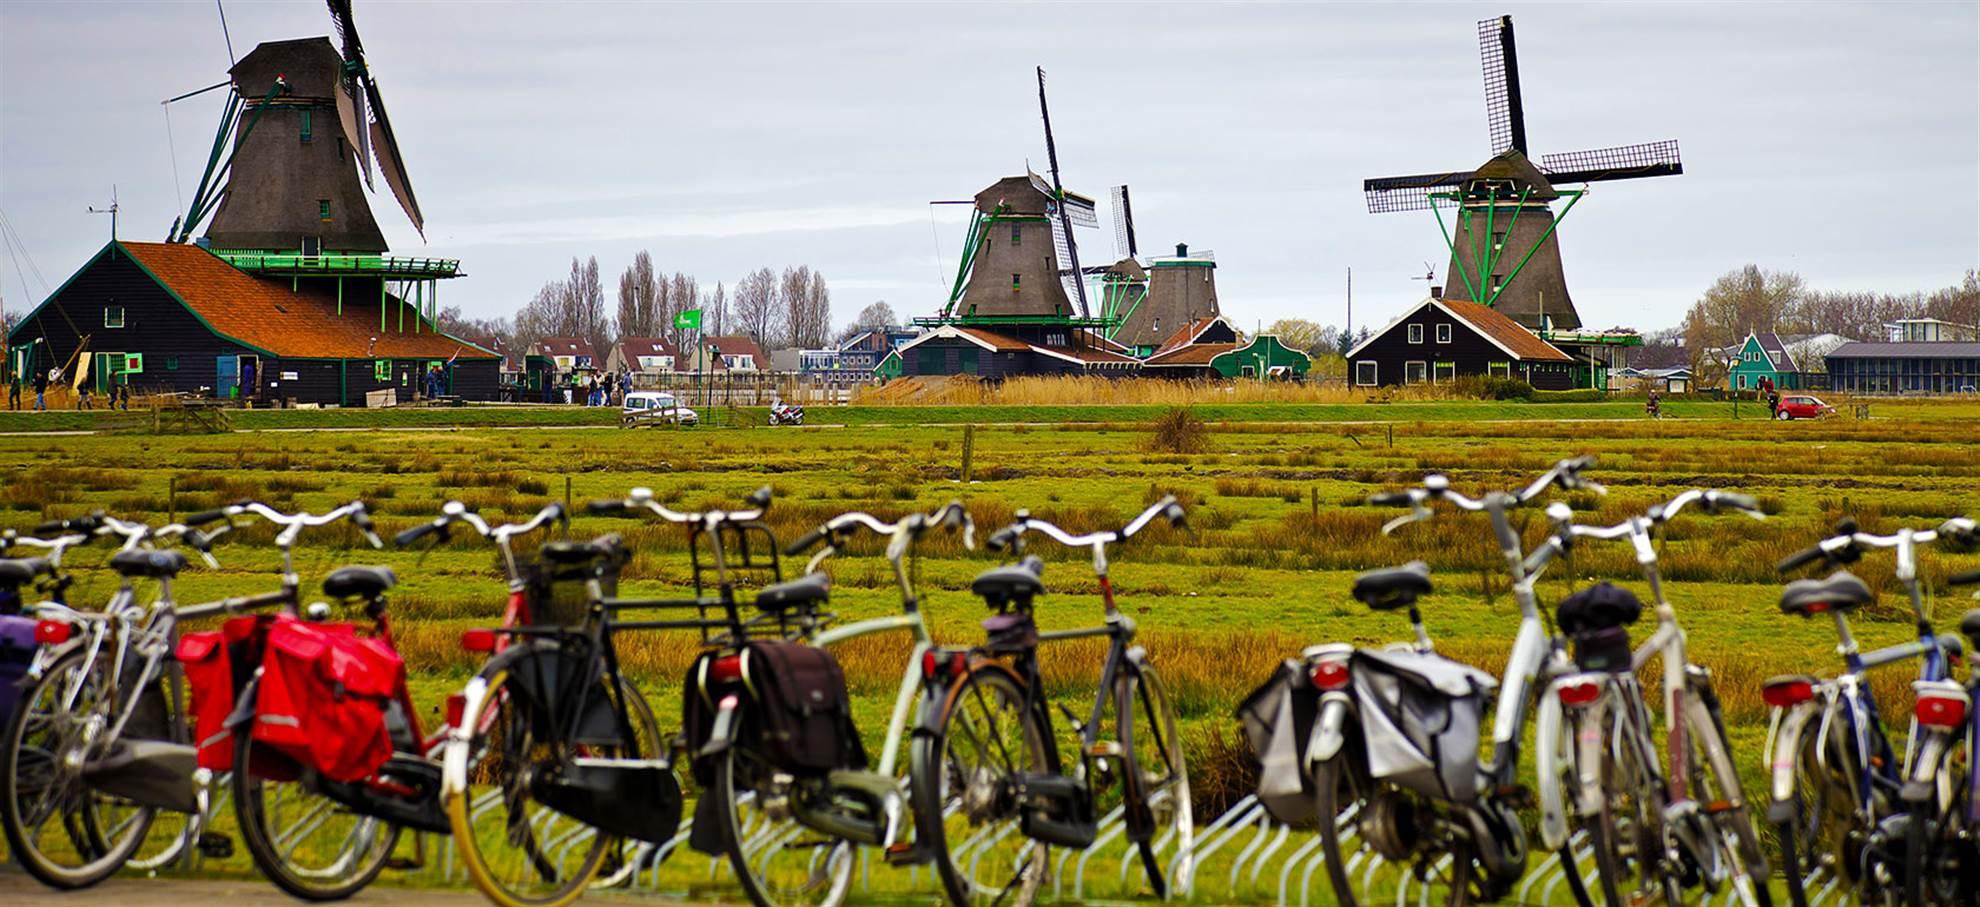 Tour de bicicleta no campo